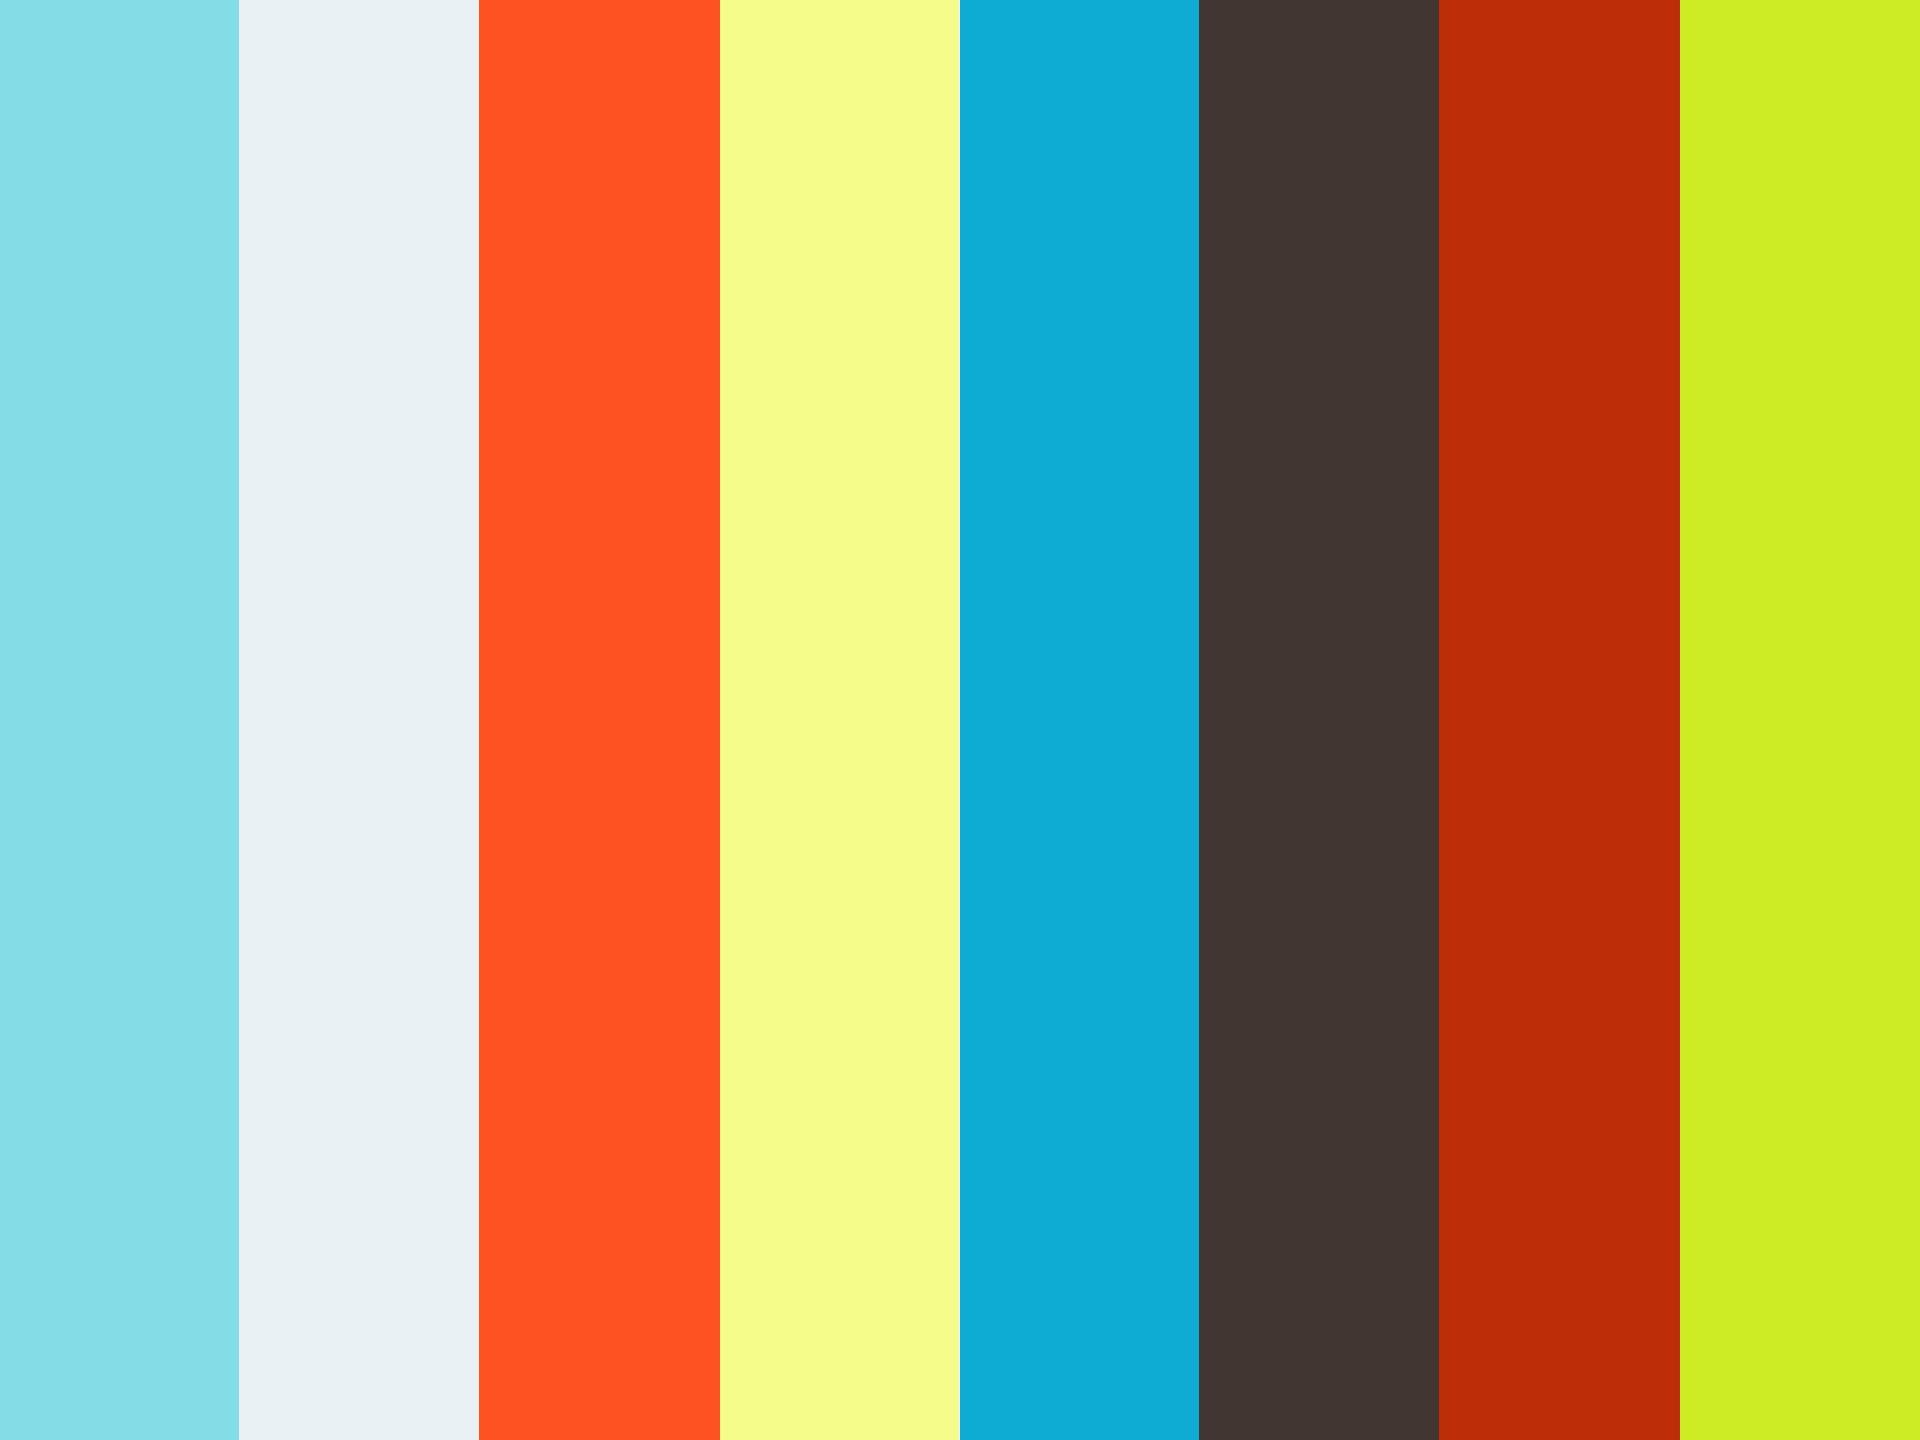 Mosaic_0.4.3_beta